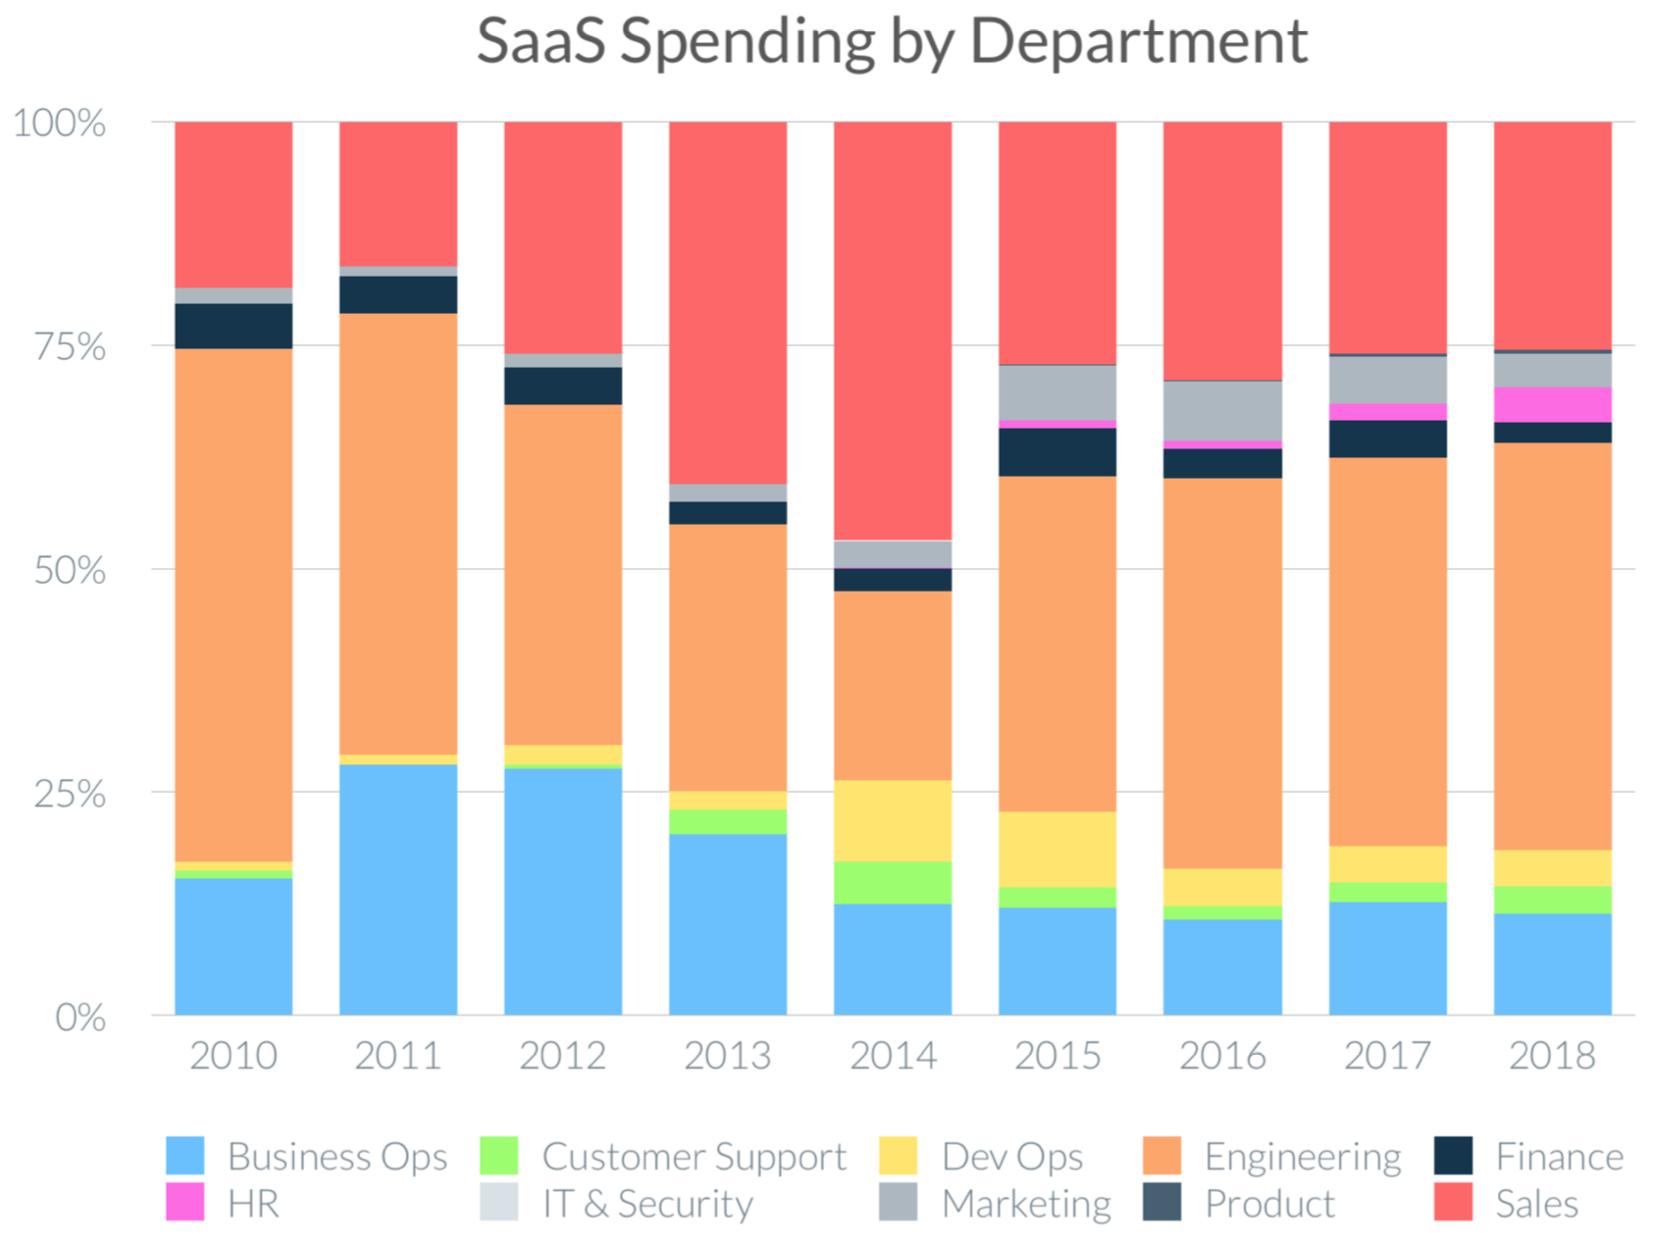 SaaS spending